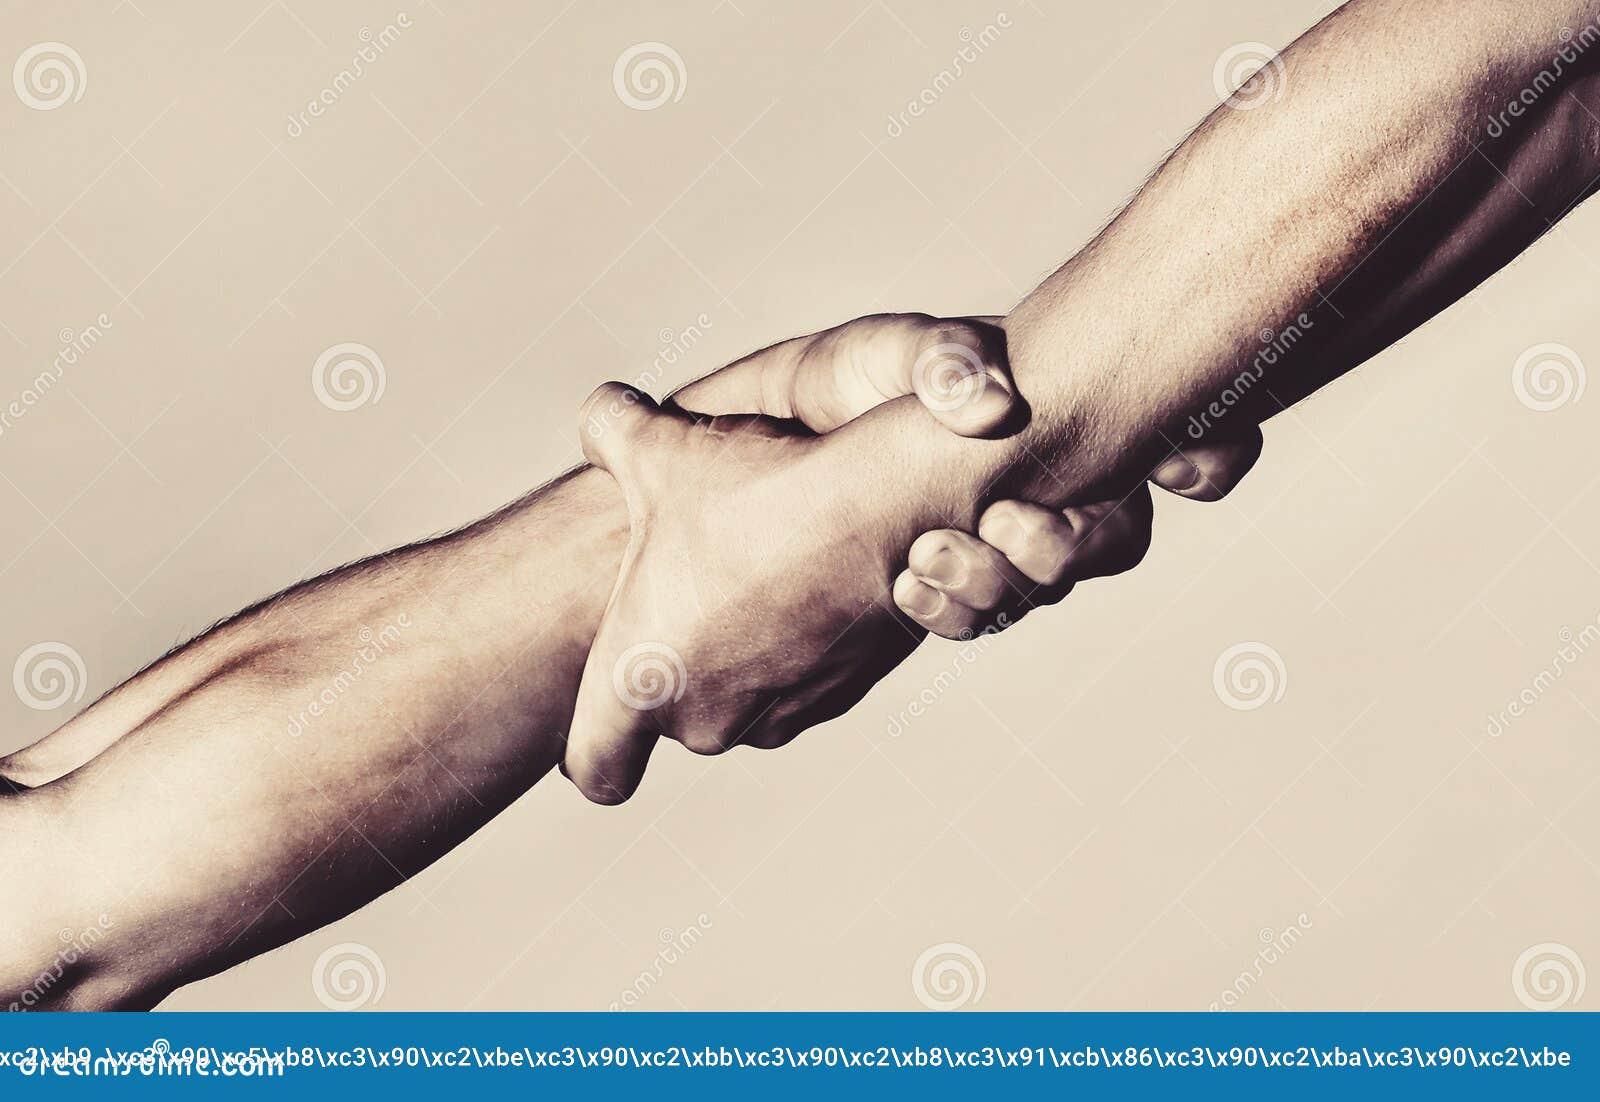 两只手,朋友的帮手 握手,胳膊,友谊 友好的握手,朋友问候,配合